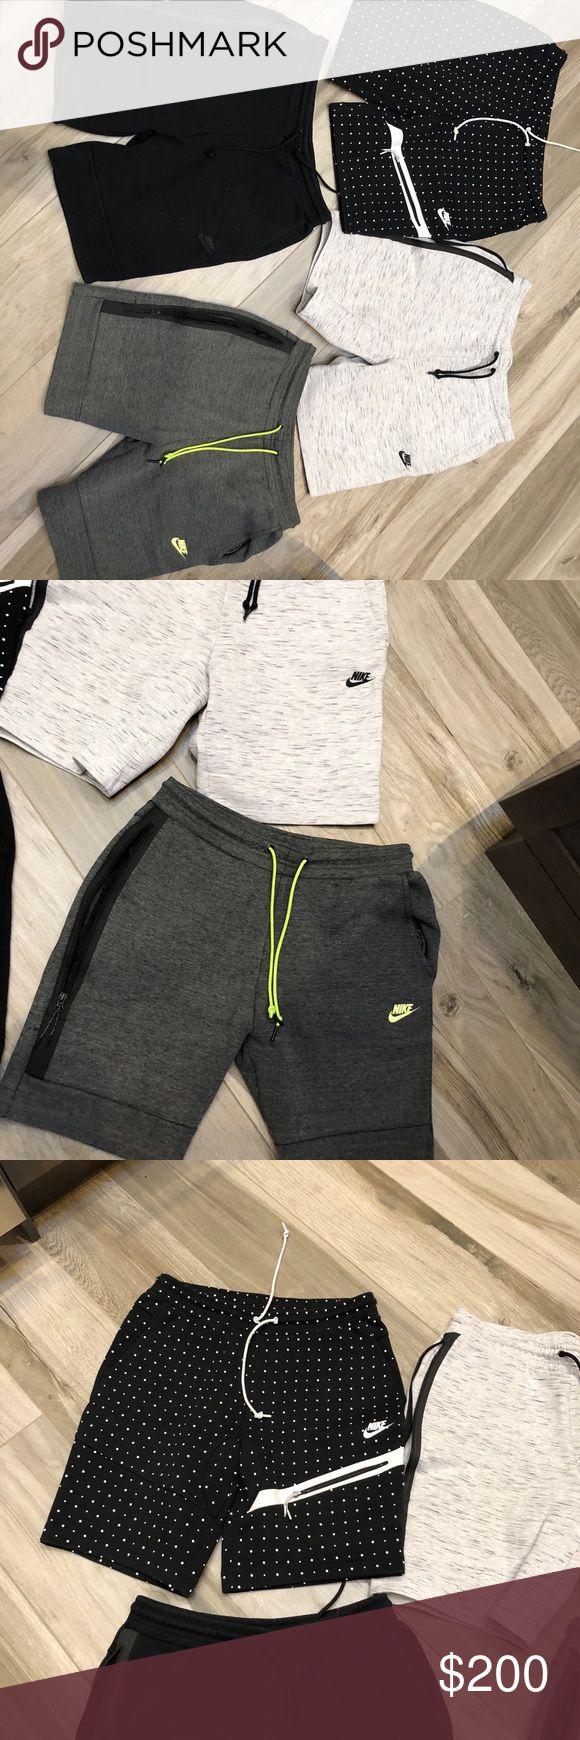 Nike Fleece Tech !! Set of 4 Nike fleece tech shorts size large. Worn but in good condition ! Nike Shorts